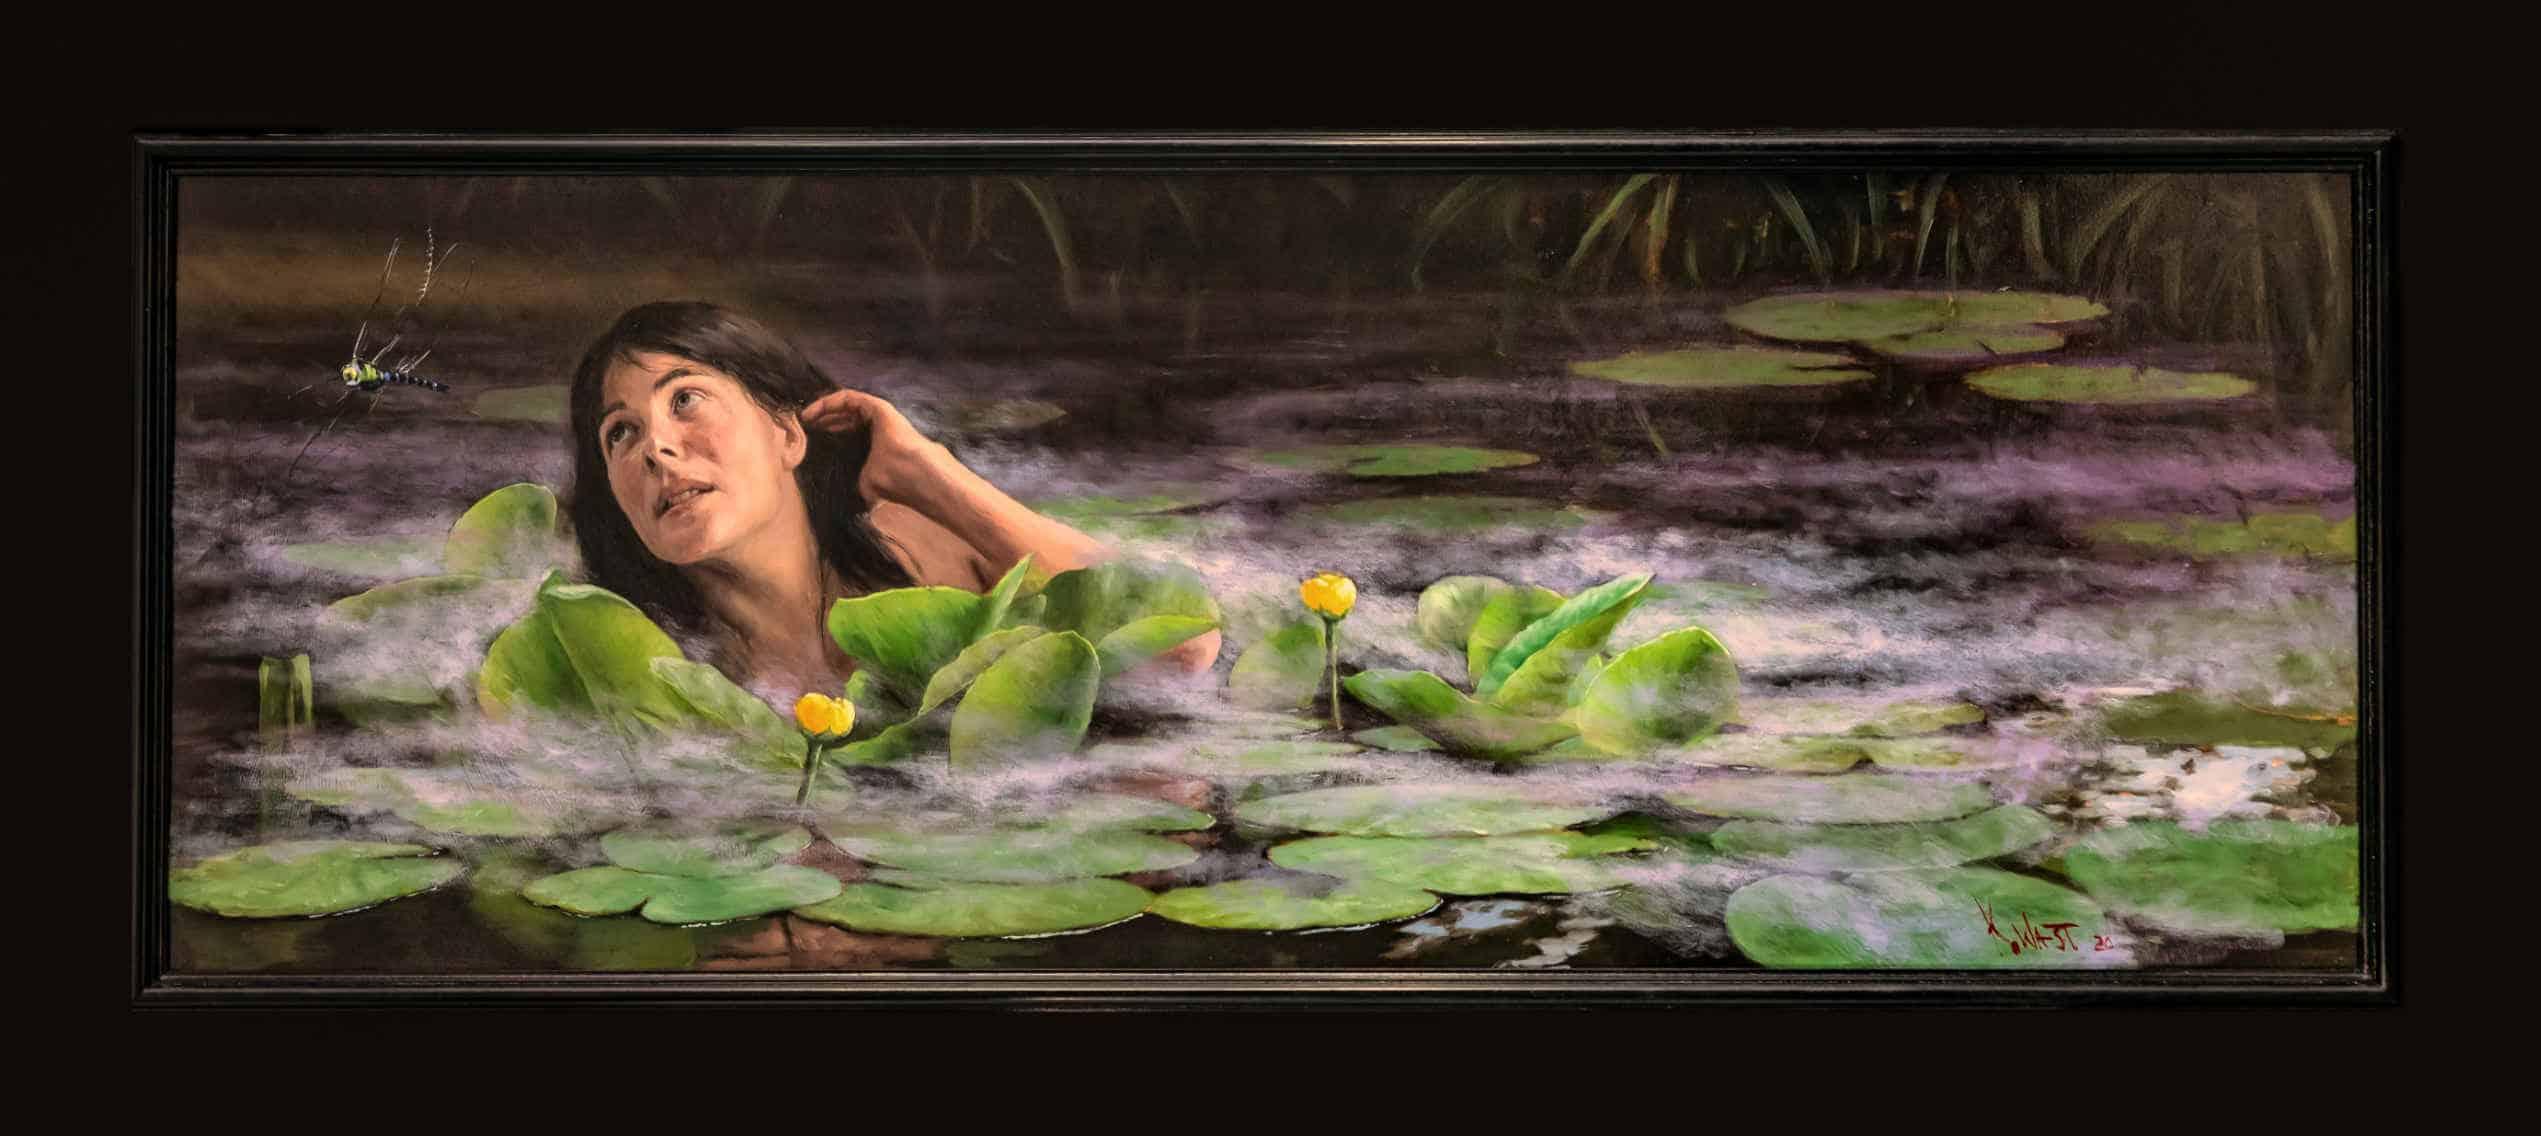 Waternimph 2020 doek 160 x 60 cm